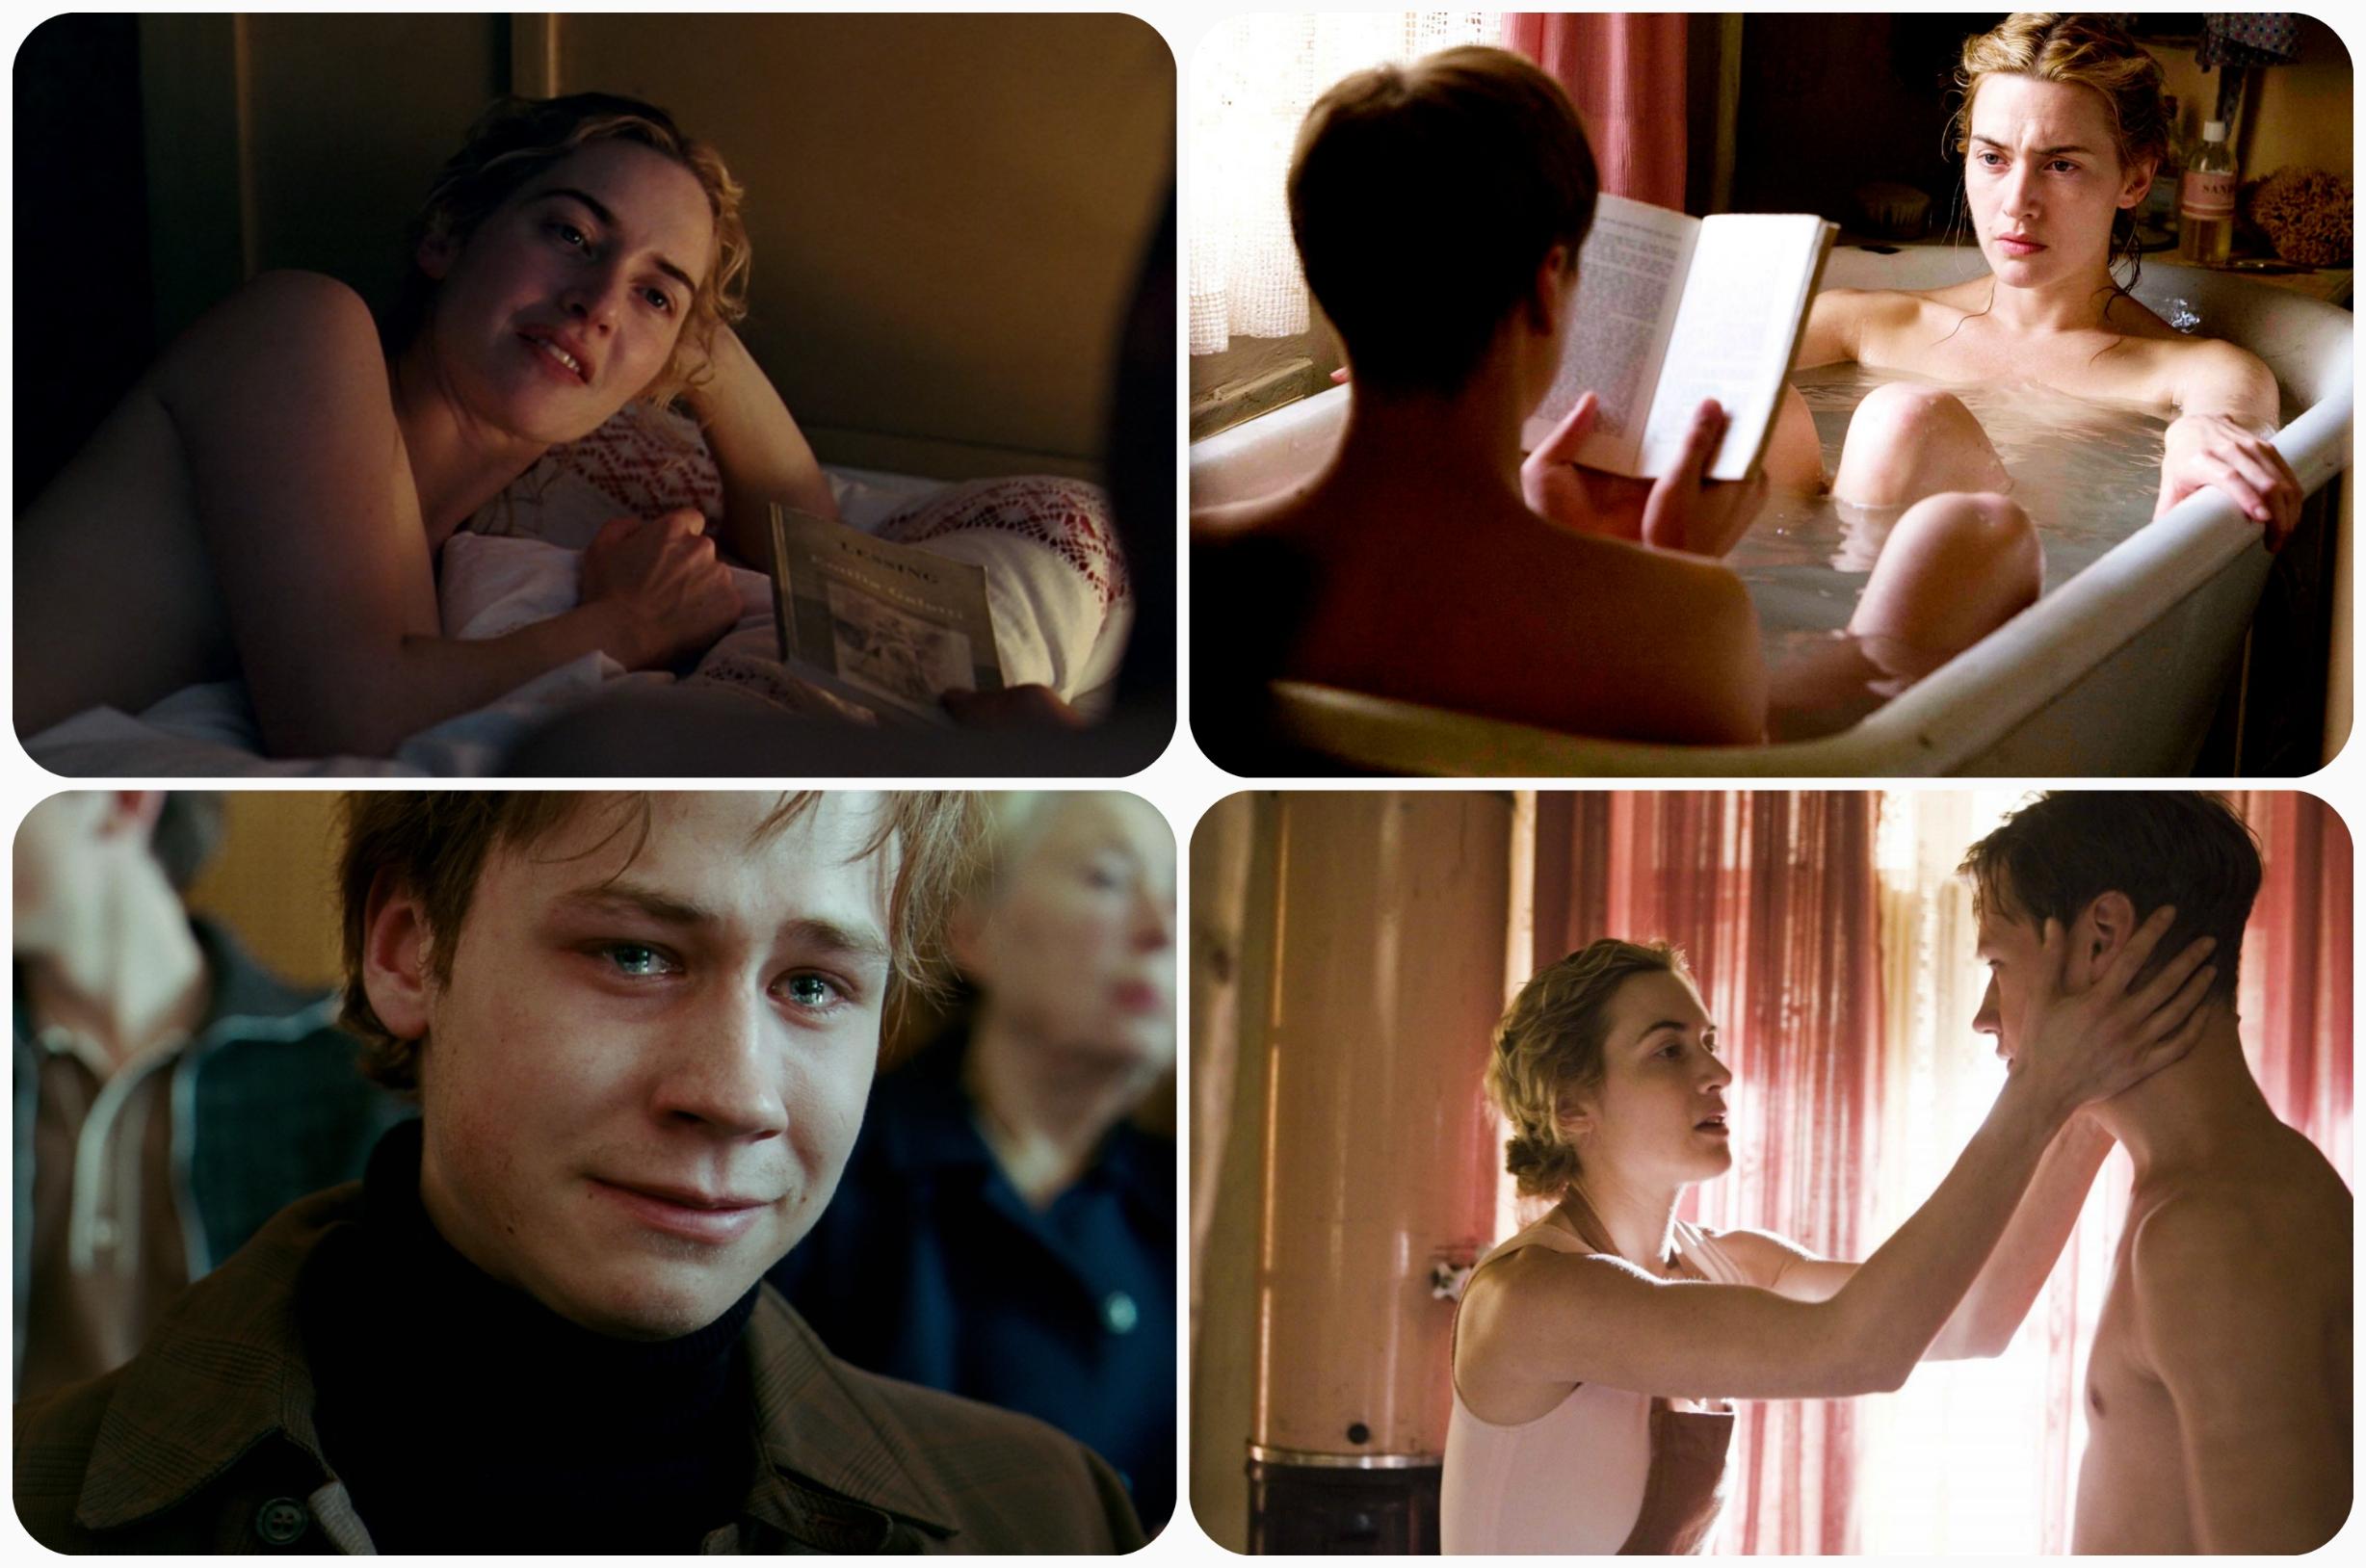 зрелая соблазнила мальчика рассказ читать